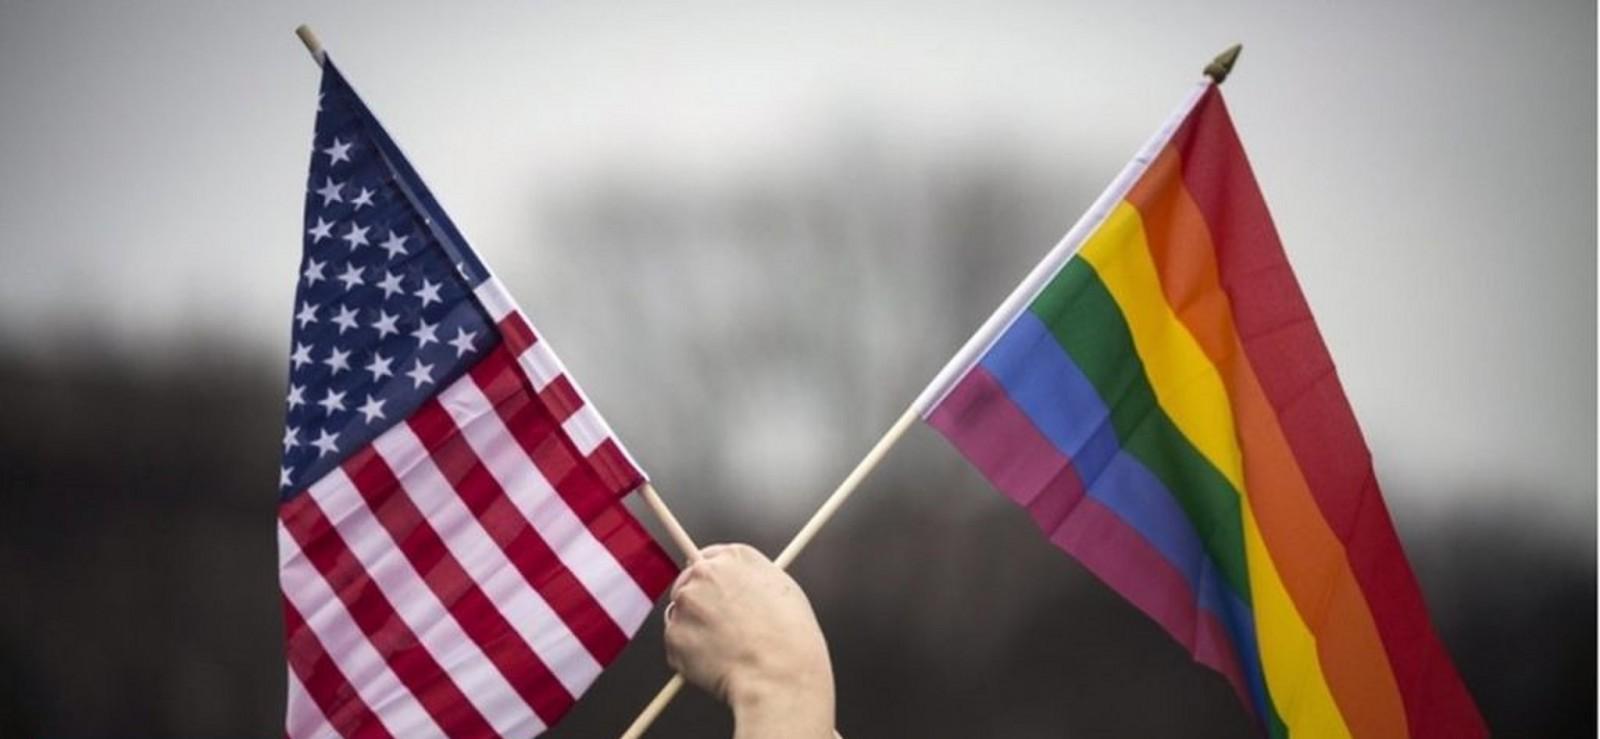 هل سيكون لأميركا رئيس مثلي الجنس للمرة الأولى.. بالفيديو